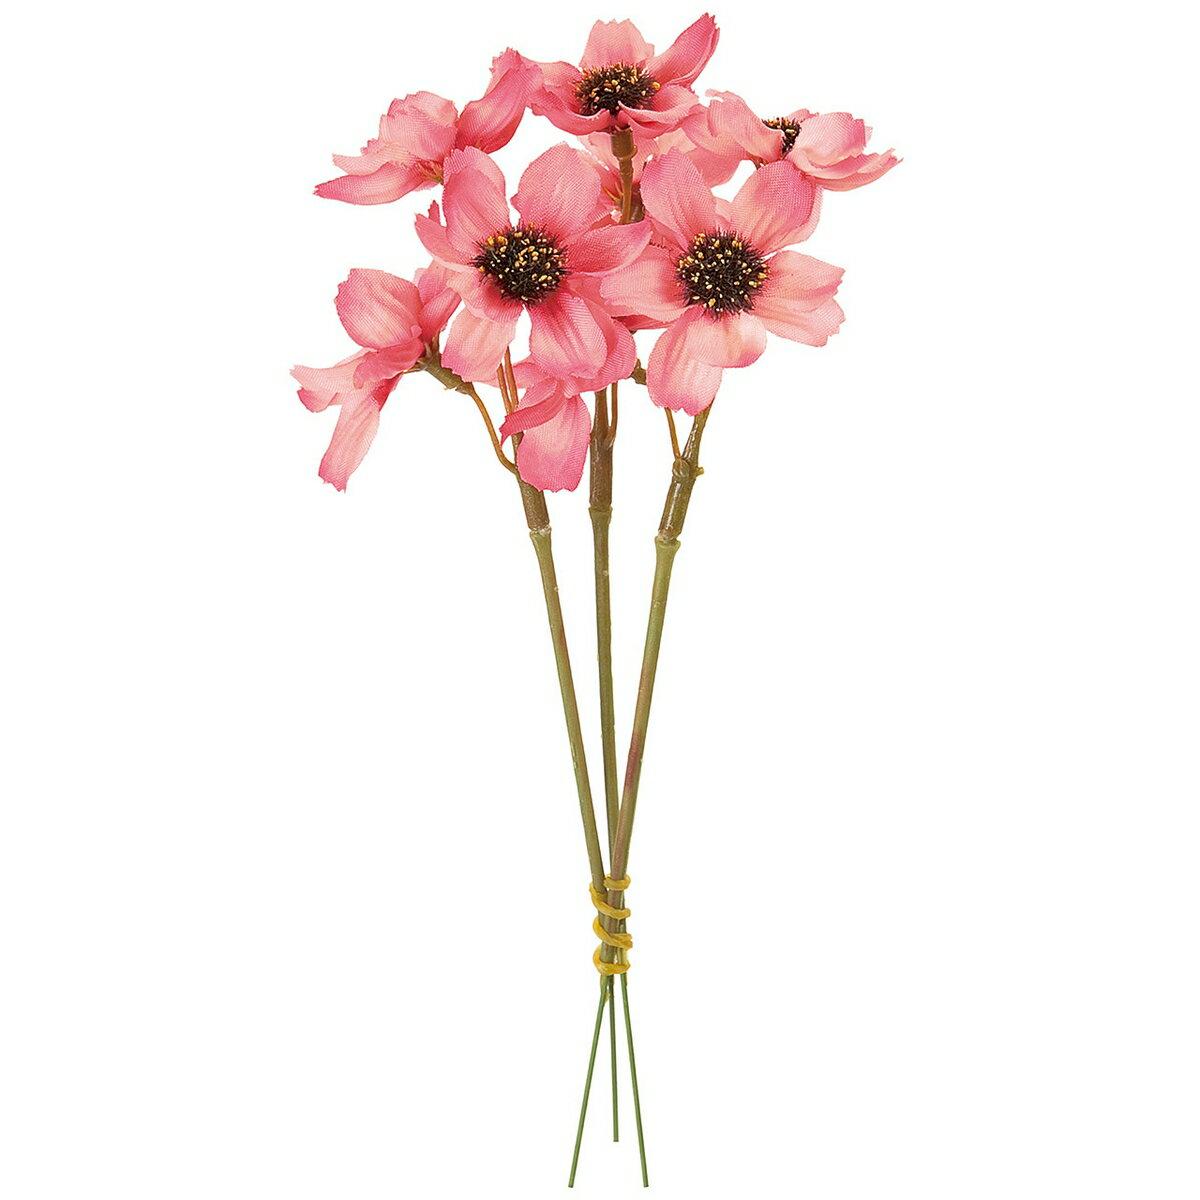 【造花】MAGIQ(東京堂)/コスモスピック #52 HOTPK ホットピンク 3本/FM004215-052【01】【取寄】《 造花(アーティフィシャルフラワー) 造花 花材「か行」 コスモス 》